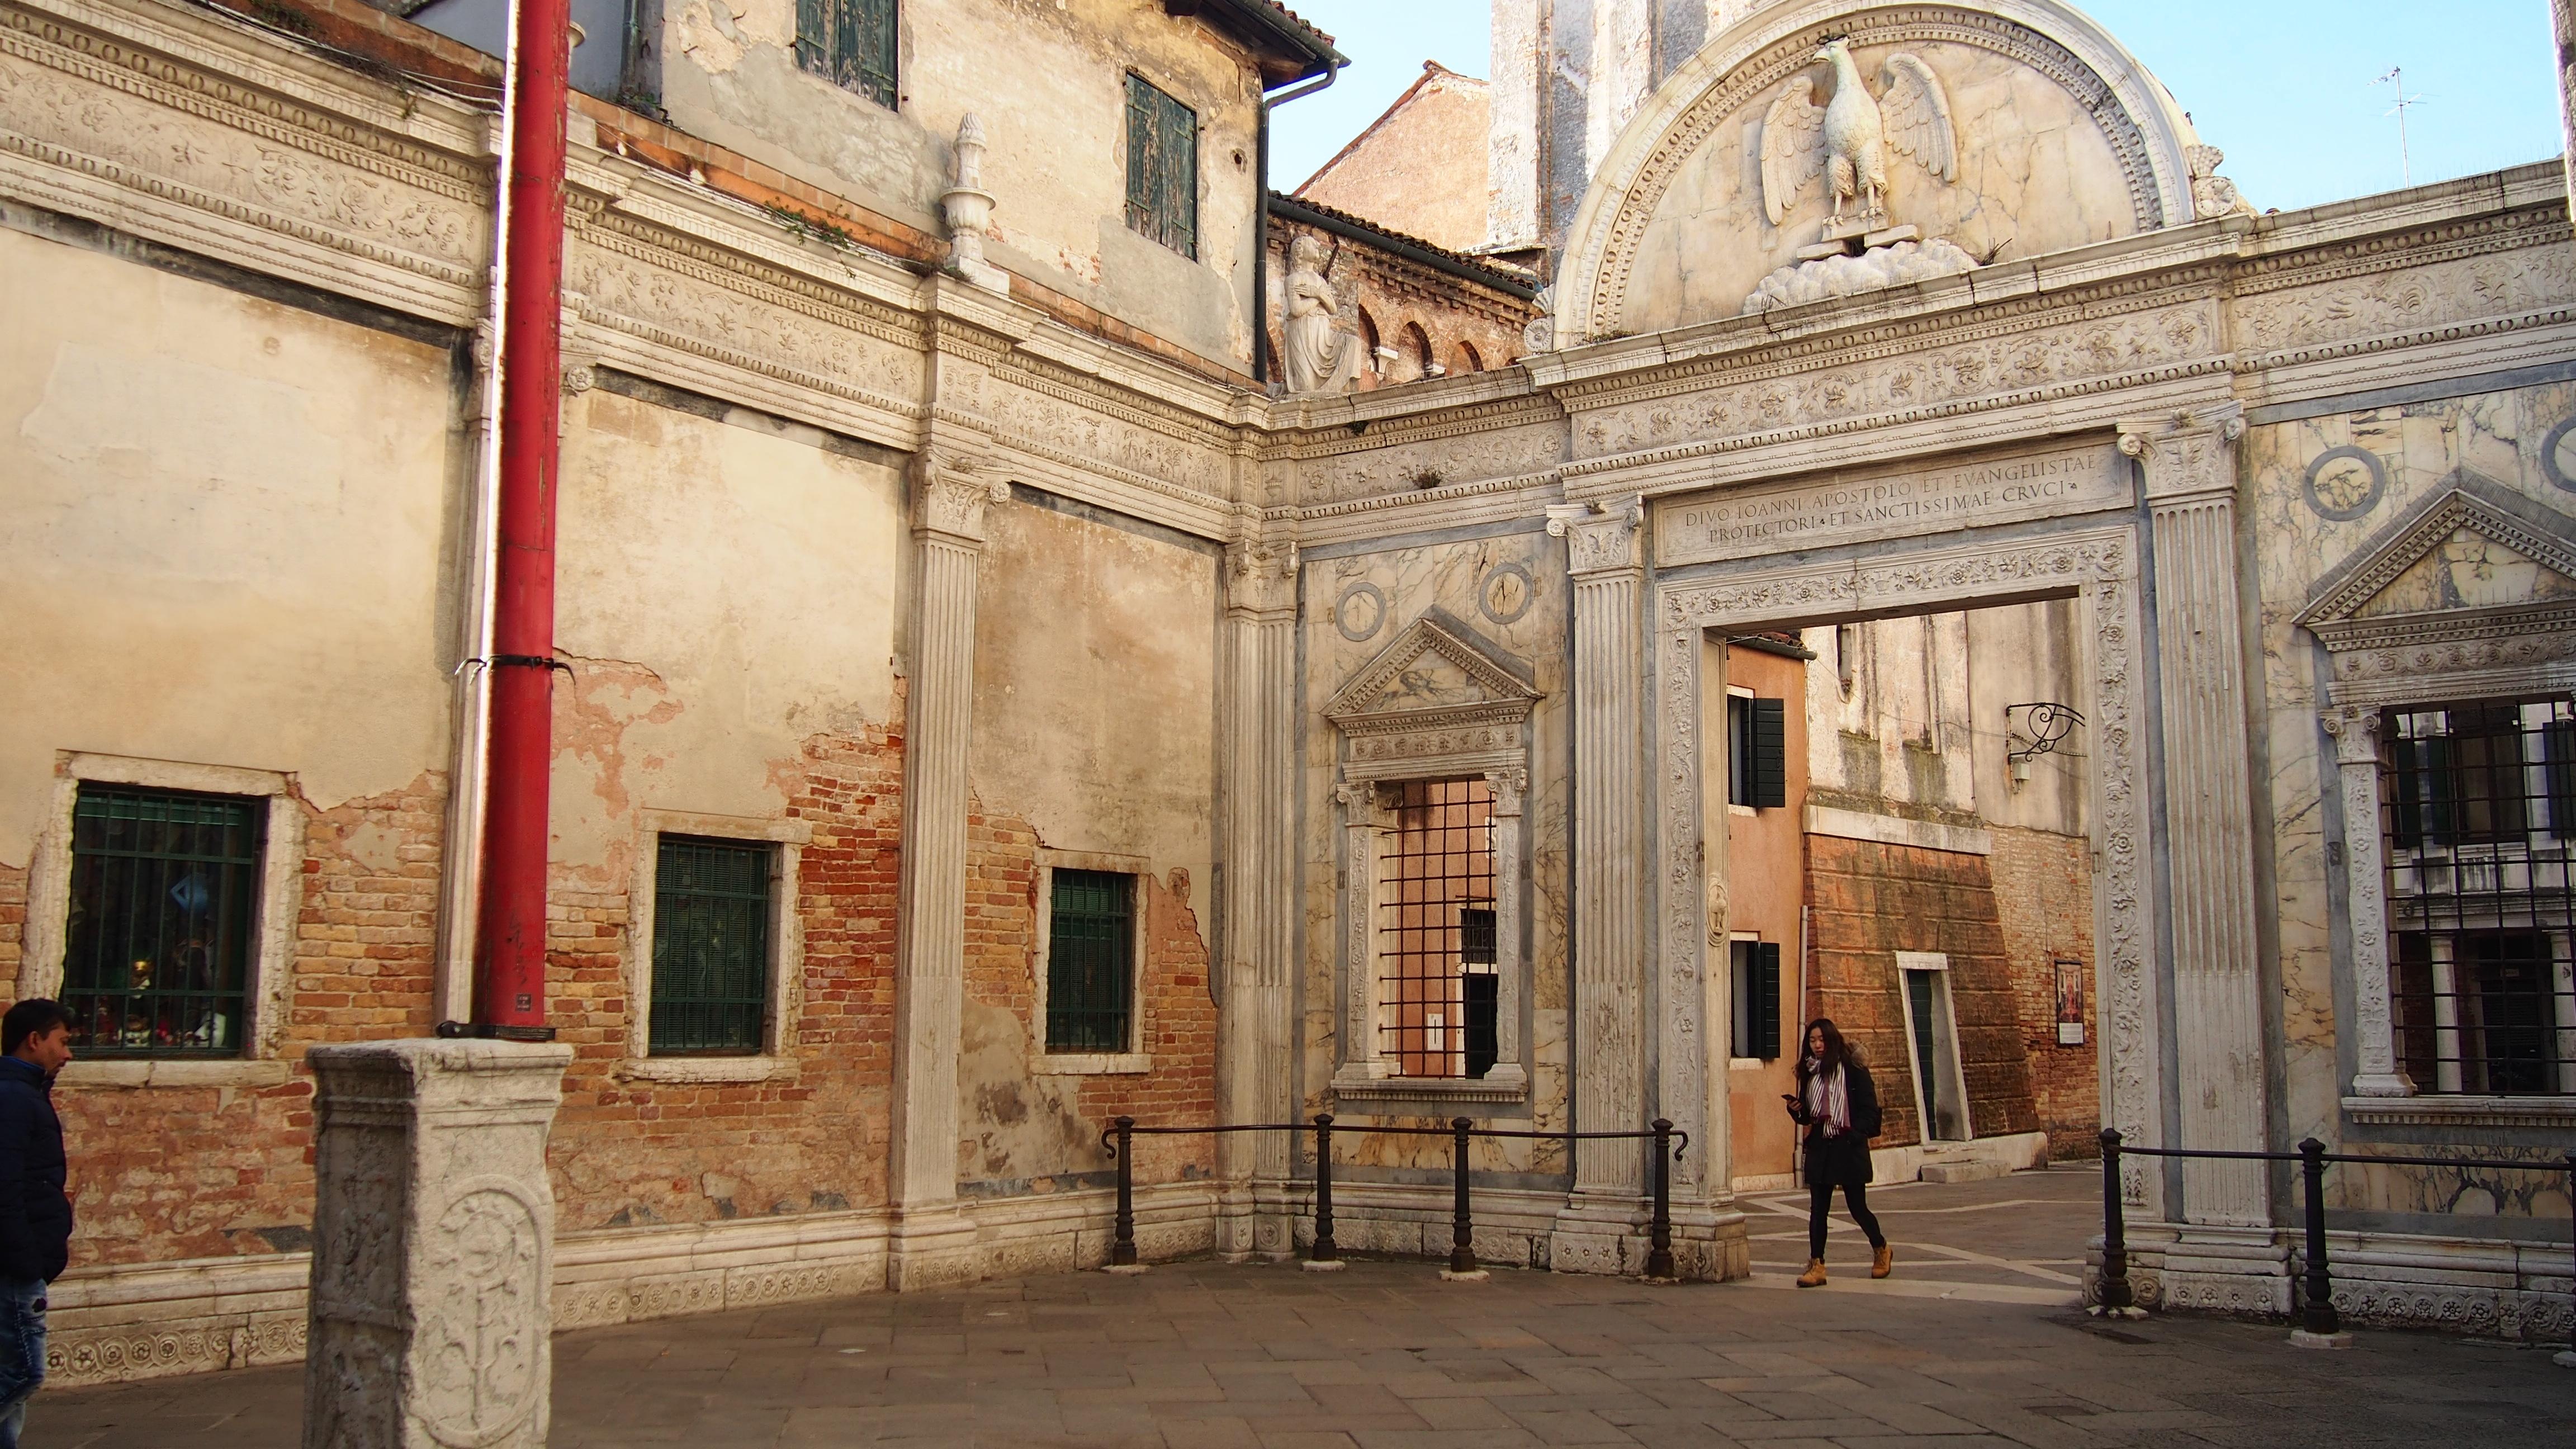 Scuola grande San Giovanni